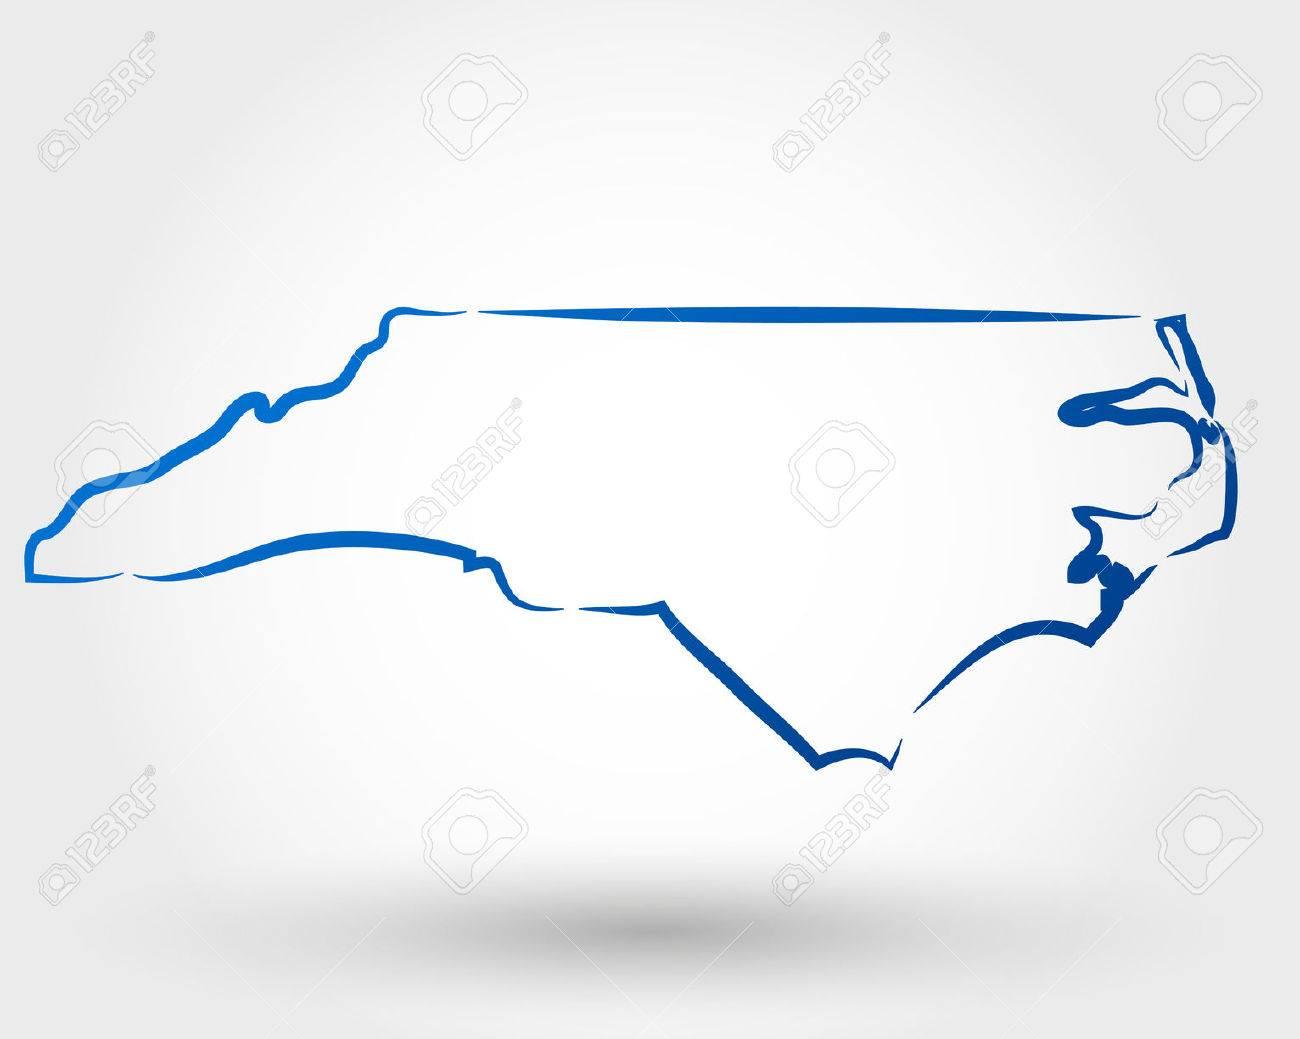 Map Of North Carolina Map Concept Royalty Free Cliparts Vectors - North carolin map